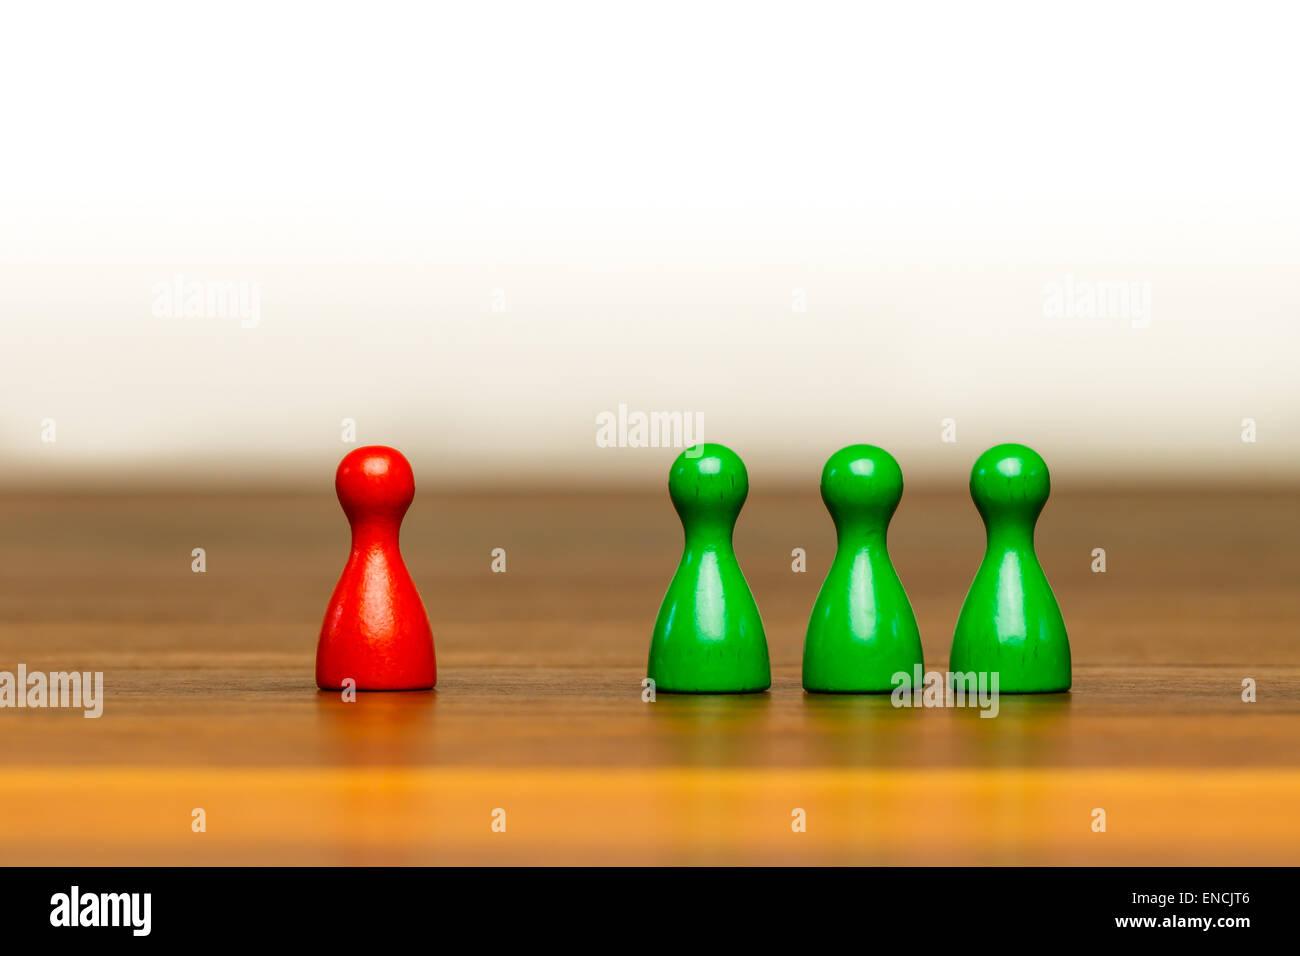 Konzept für: gut oder schlecht, Isolation, Konfrontation, Wettbewerb und Unterschied. Mit bunten roten und Stockbild